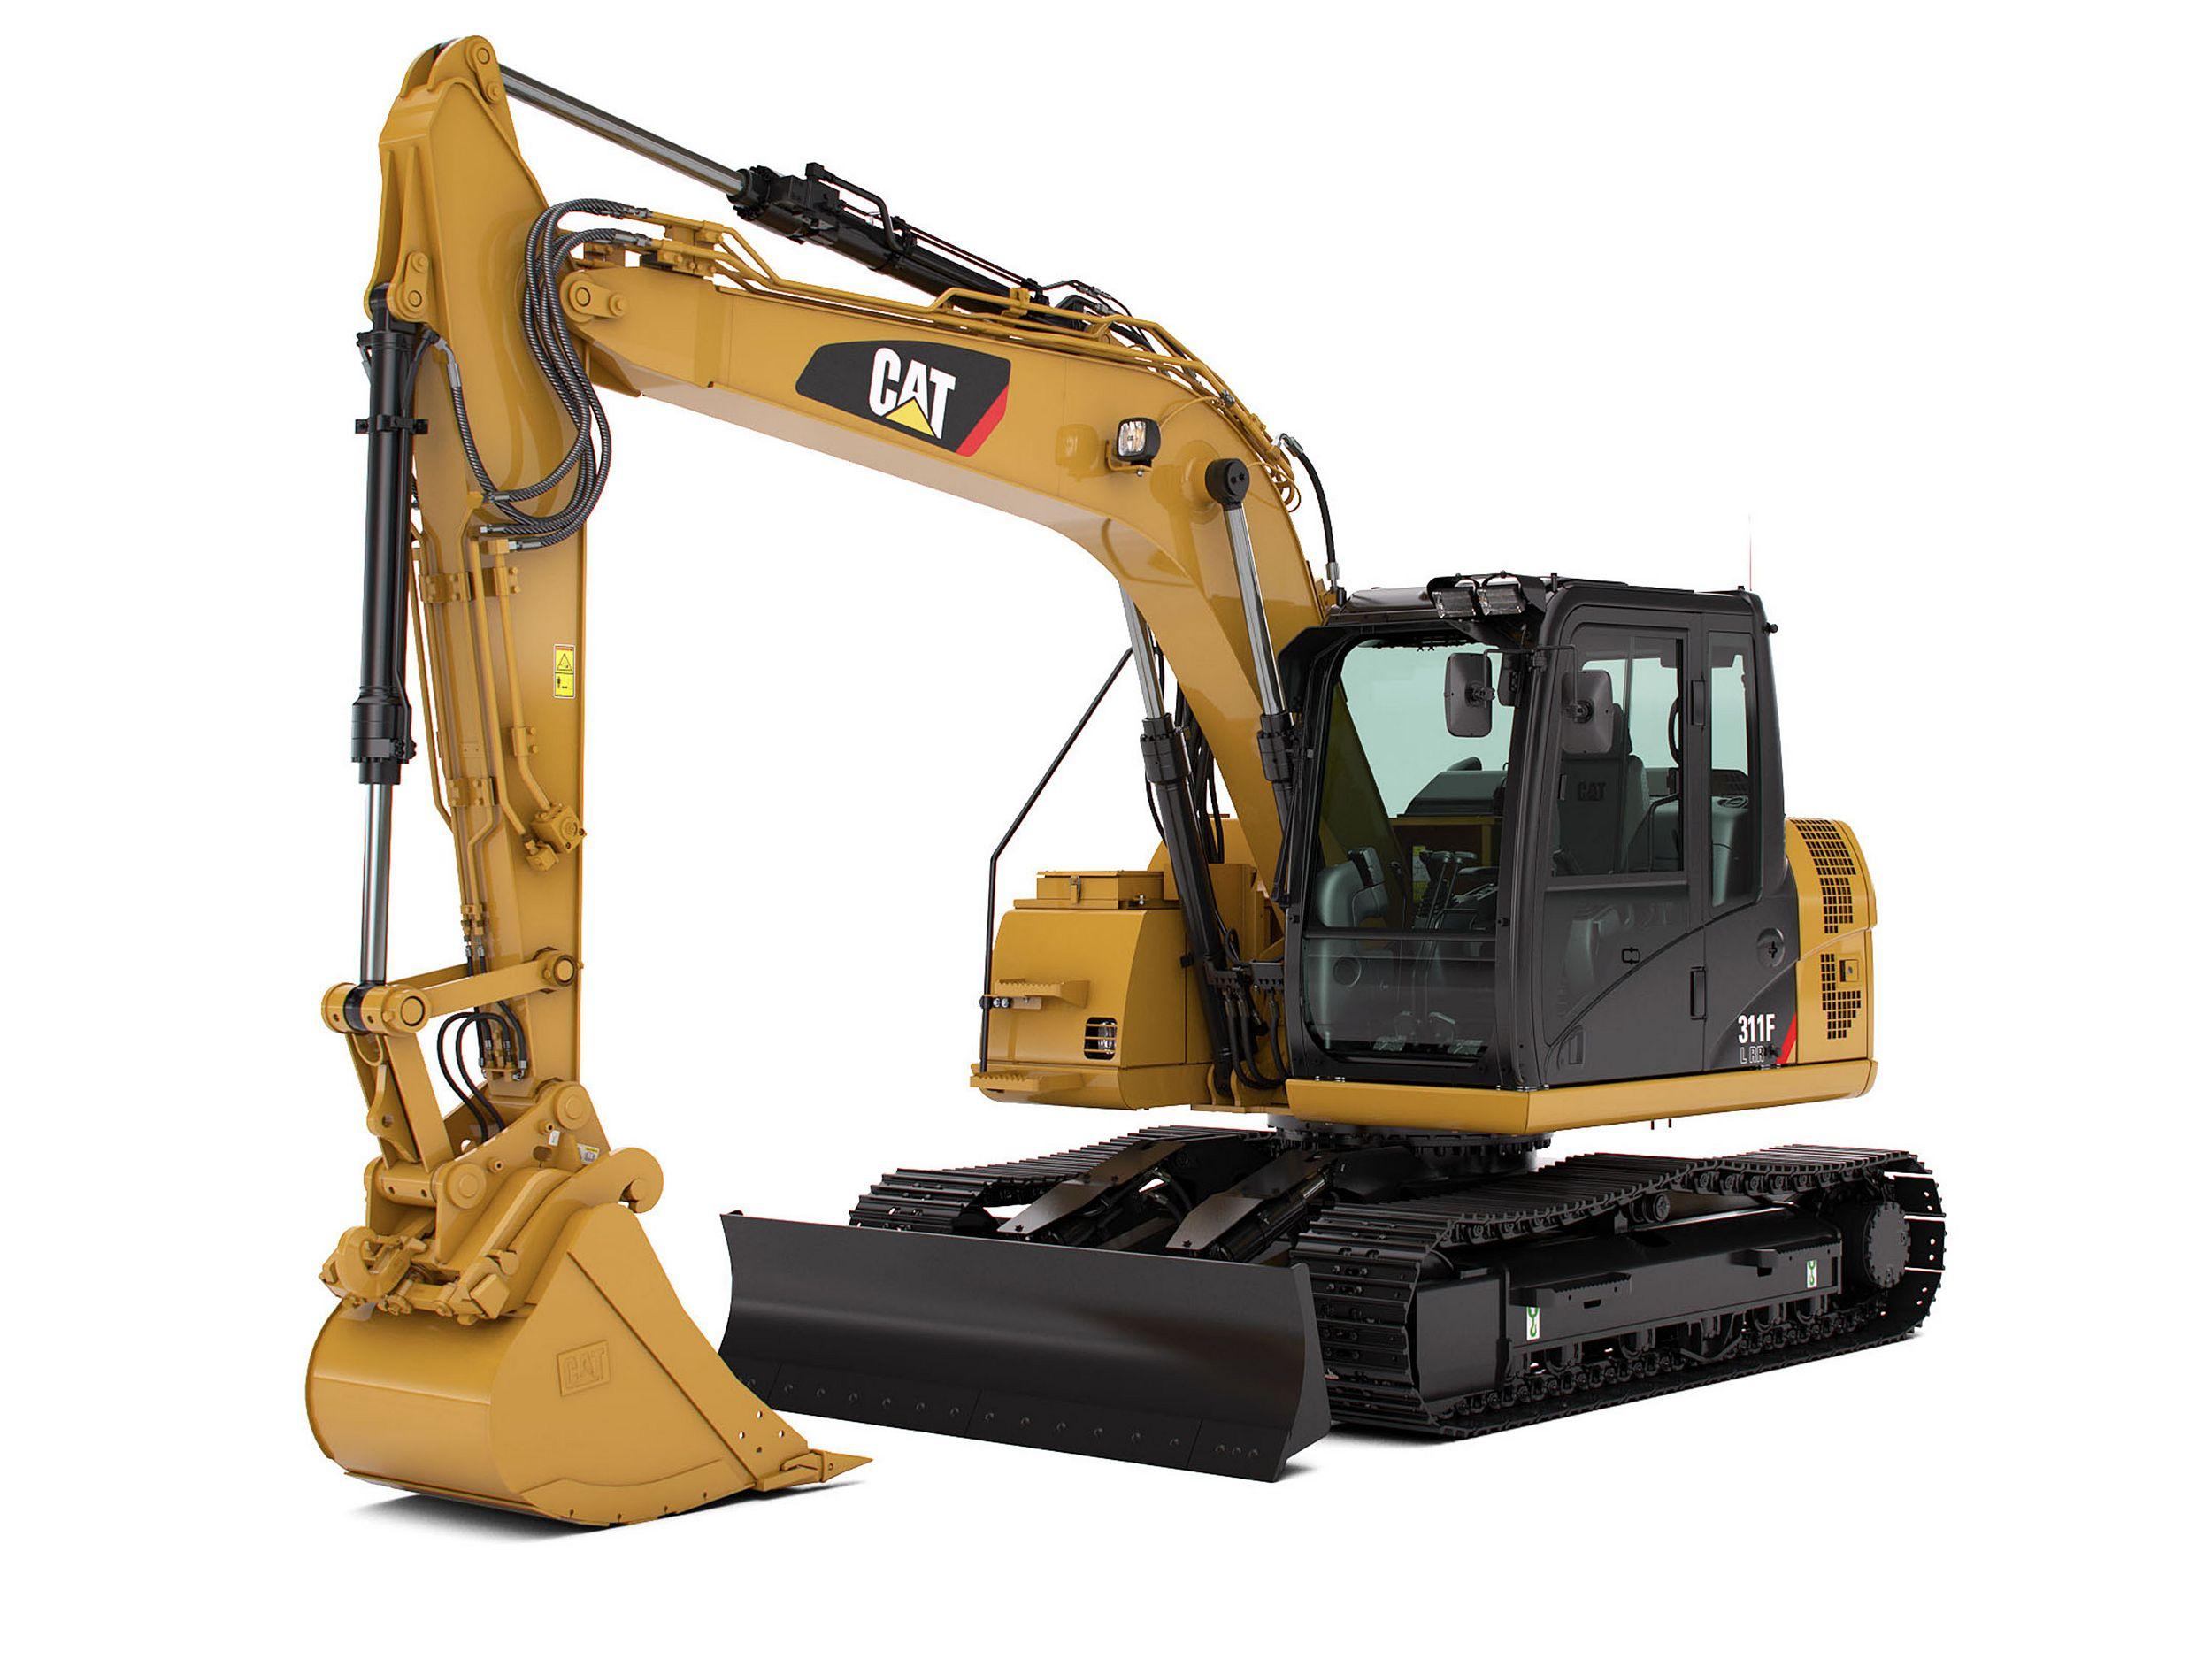 311F L RR Hydraulic Excavator marketing ready geometry